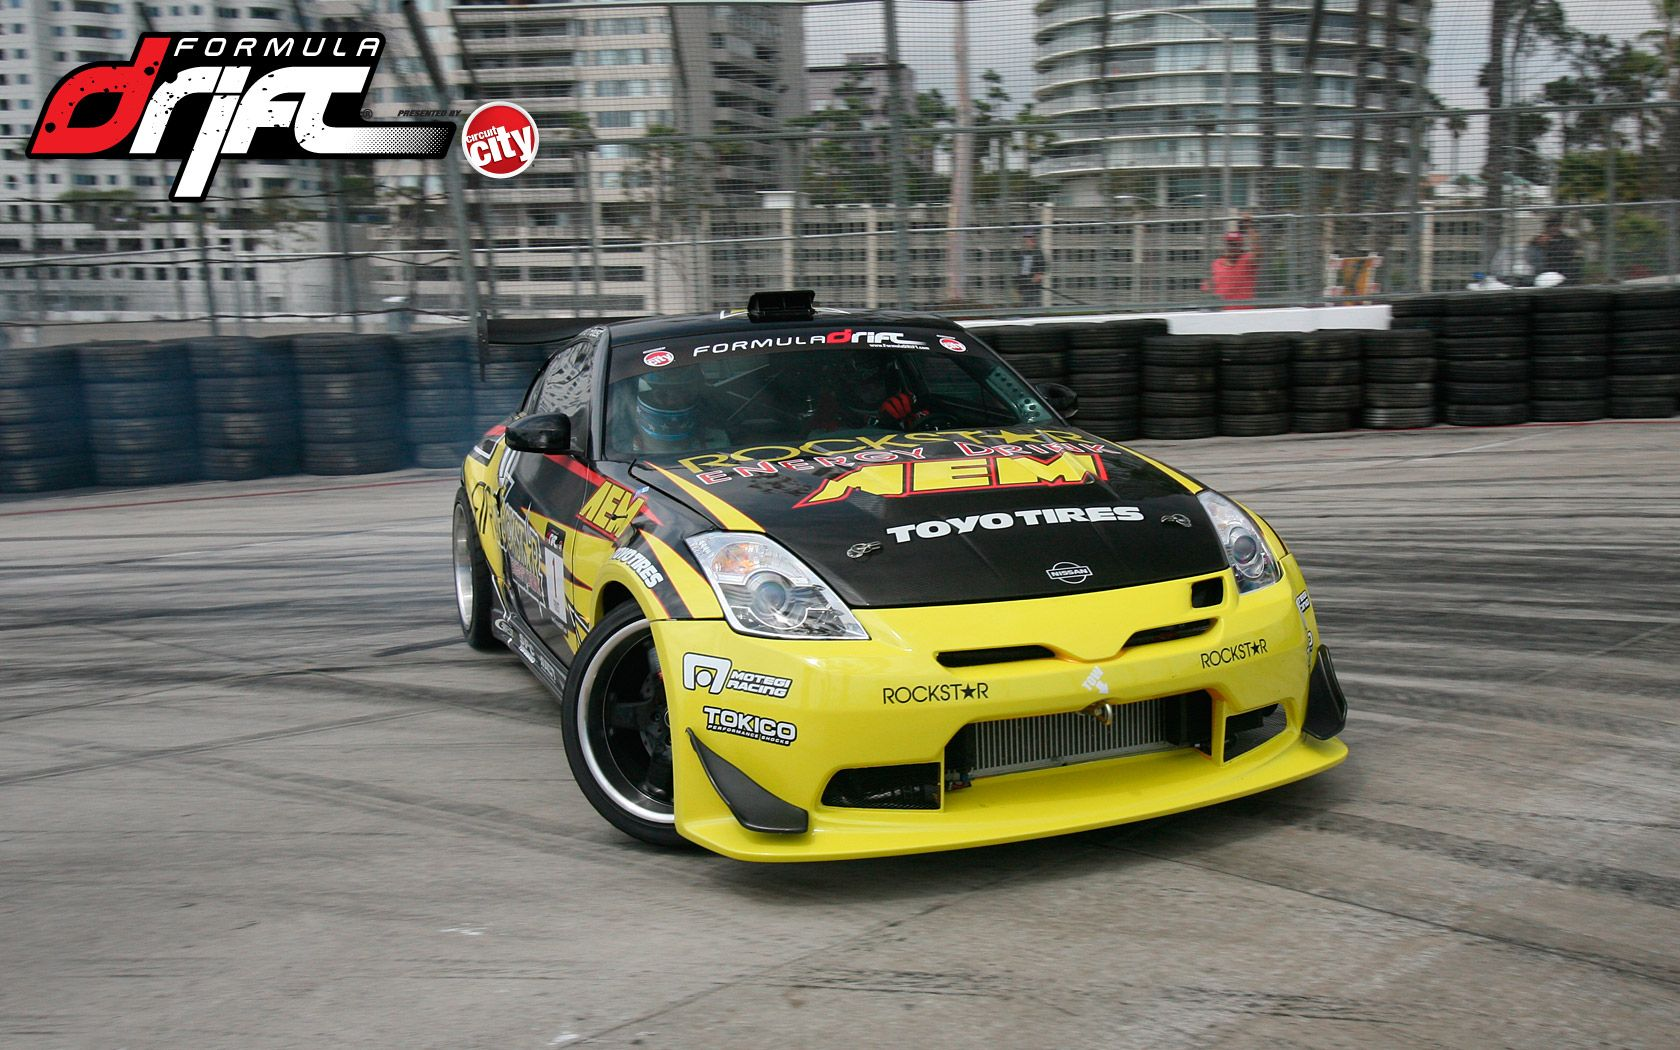 You are viewing a formula drift wallpaper 350 z nissan - Drift car wallpaper ...